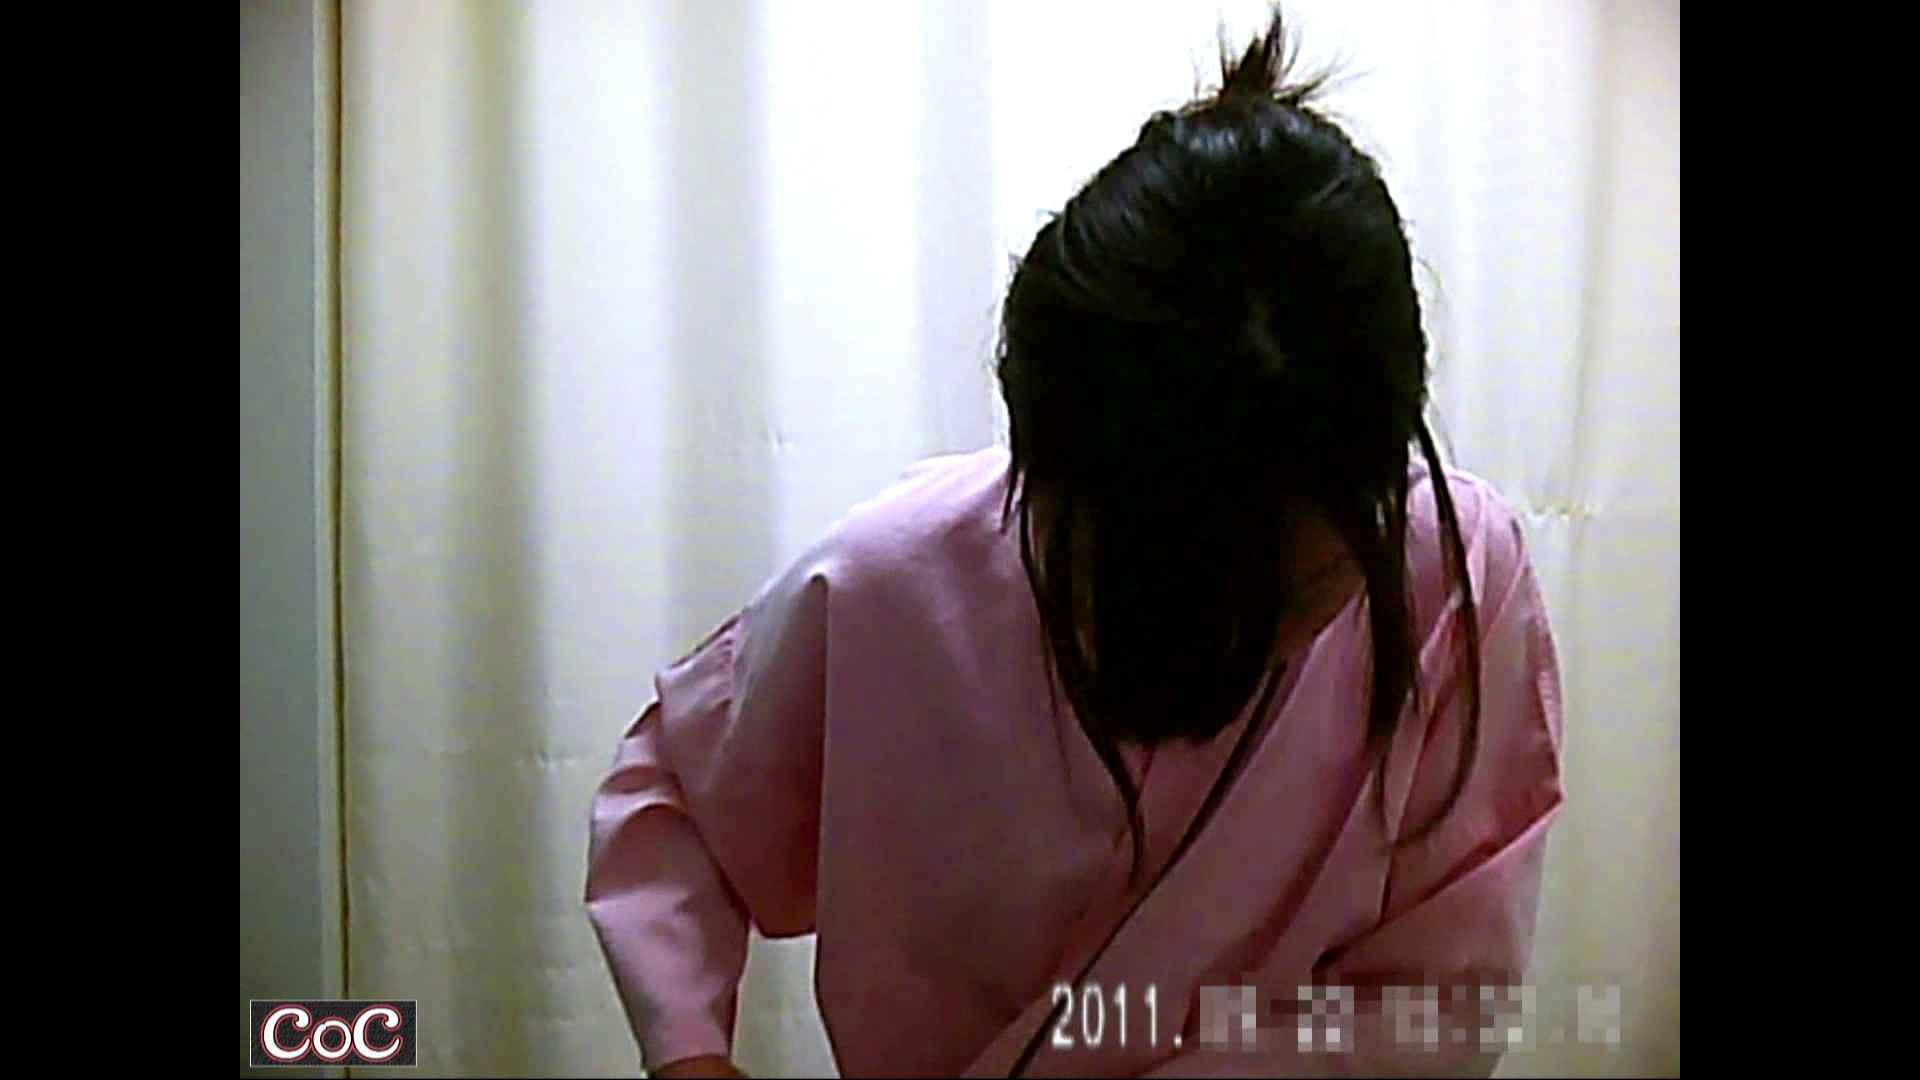 病院おもいっきり着替え! vol.33 貧乳 オメコ動画キャプチャ 89画像 76